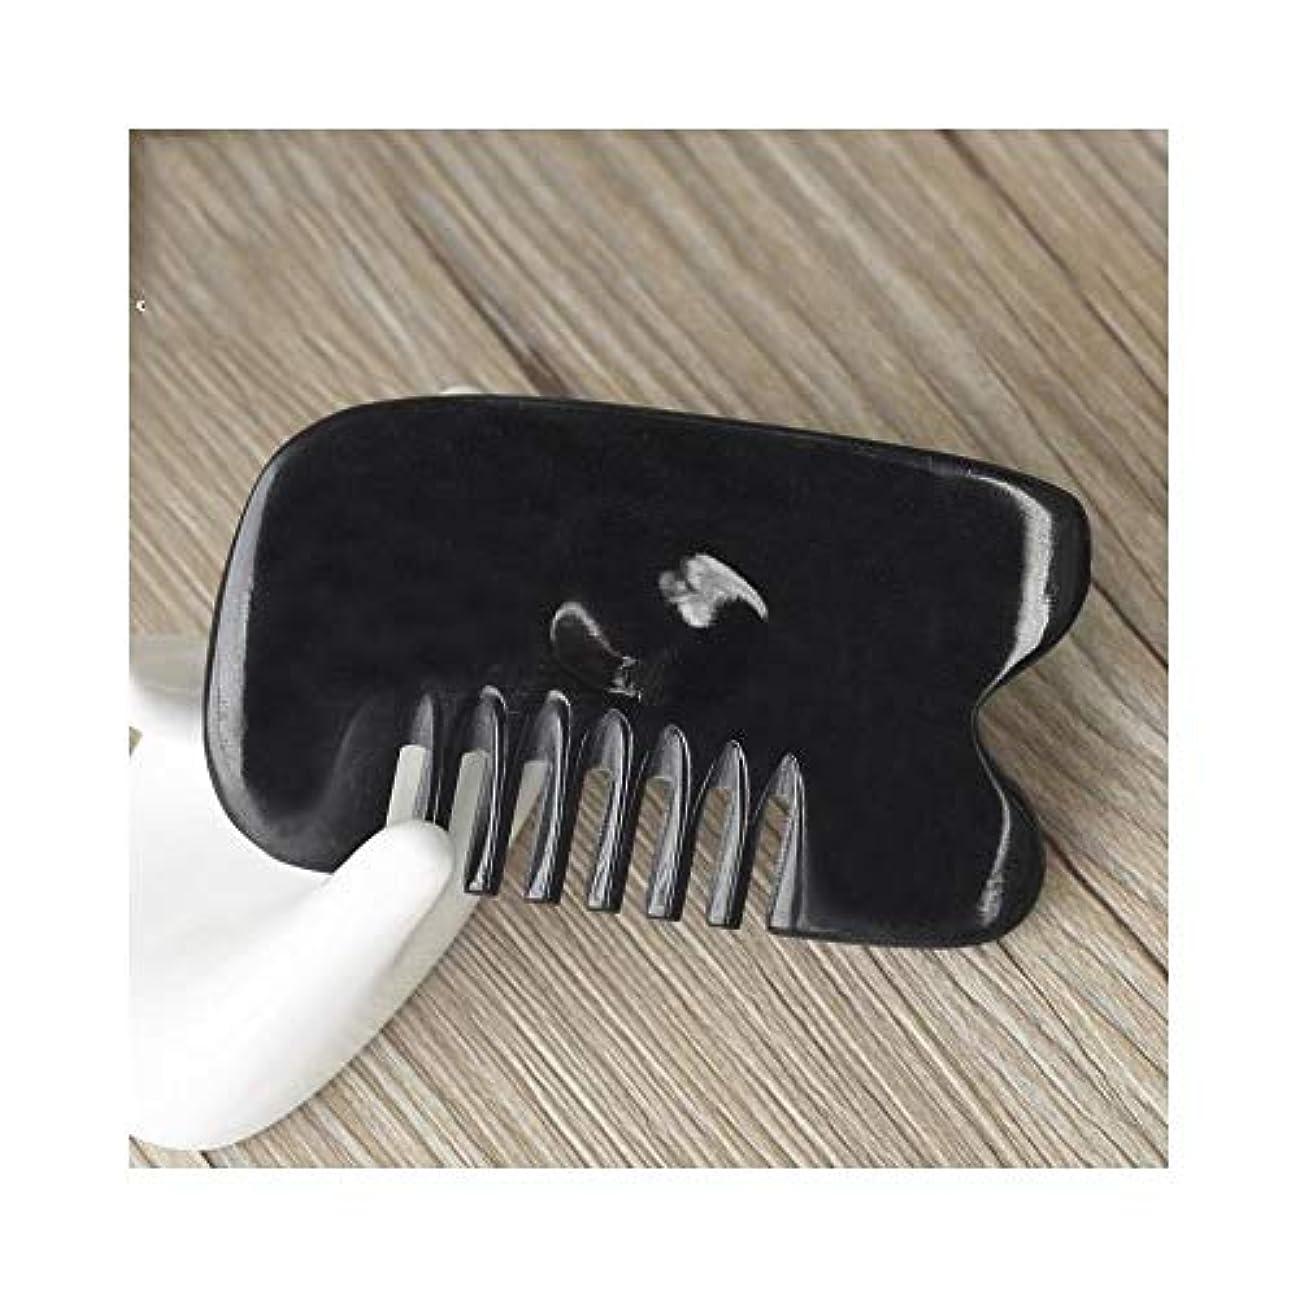 息切れ髄取り替えるFashian手作りブラックバッファローホーンくし自然工芸ヘアブラシ(NO TANGLE - ワイド歯) ヘアケア